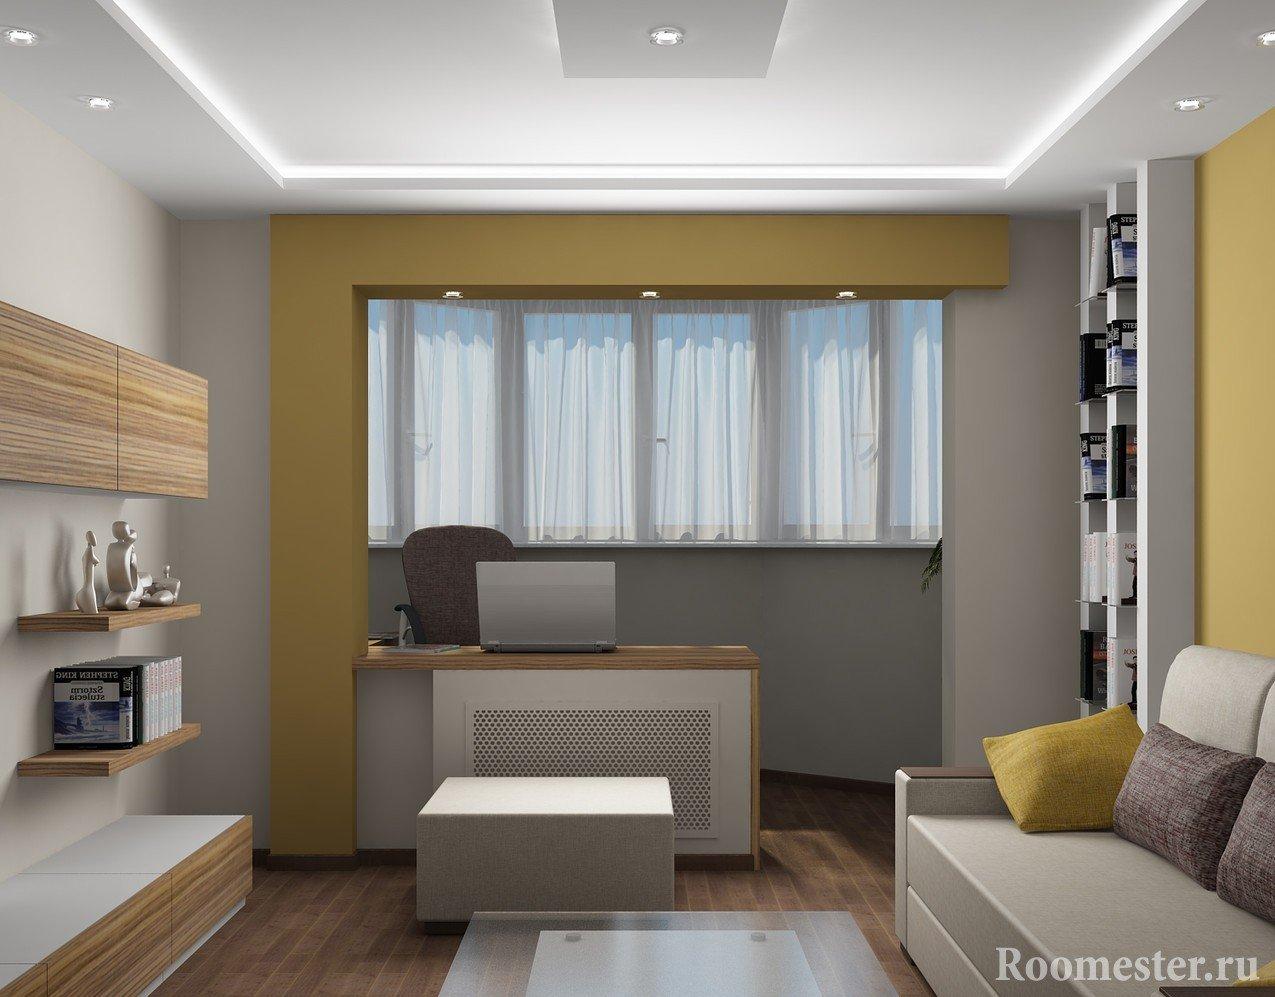 Идеи ремонта для зала с балконом